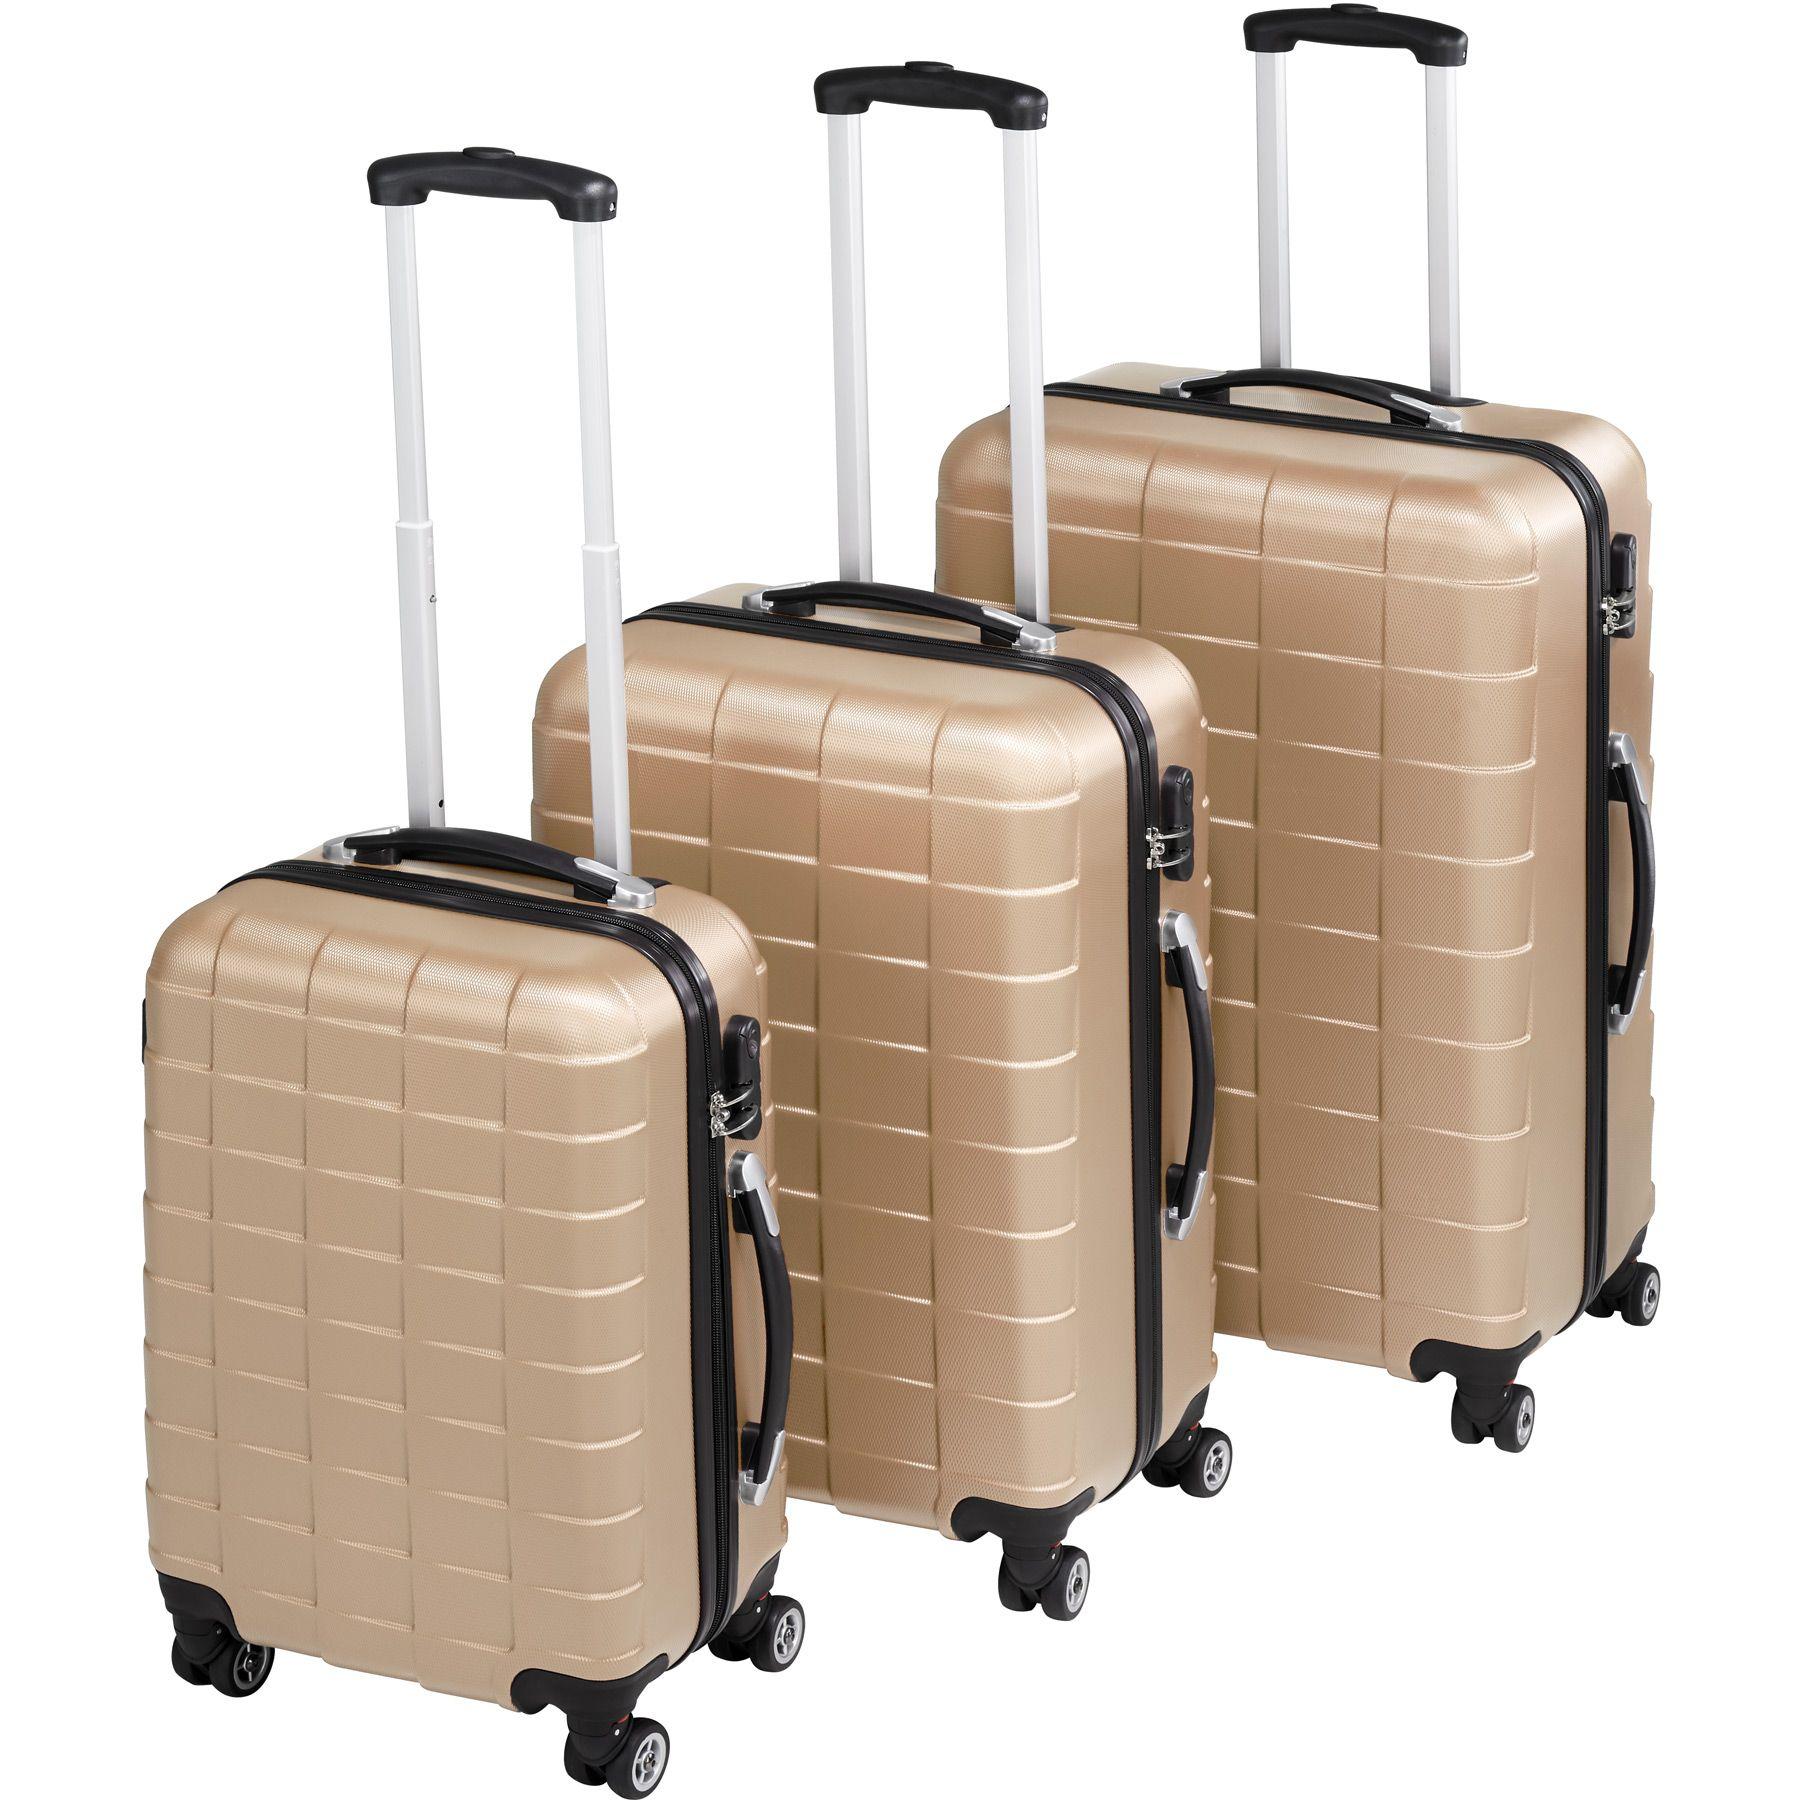 abs reisekoffer 3er set trolley kofferset. Black Bedroom Furniture Sets. Home Design Ideas